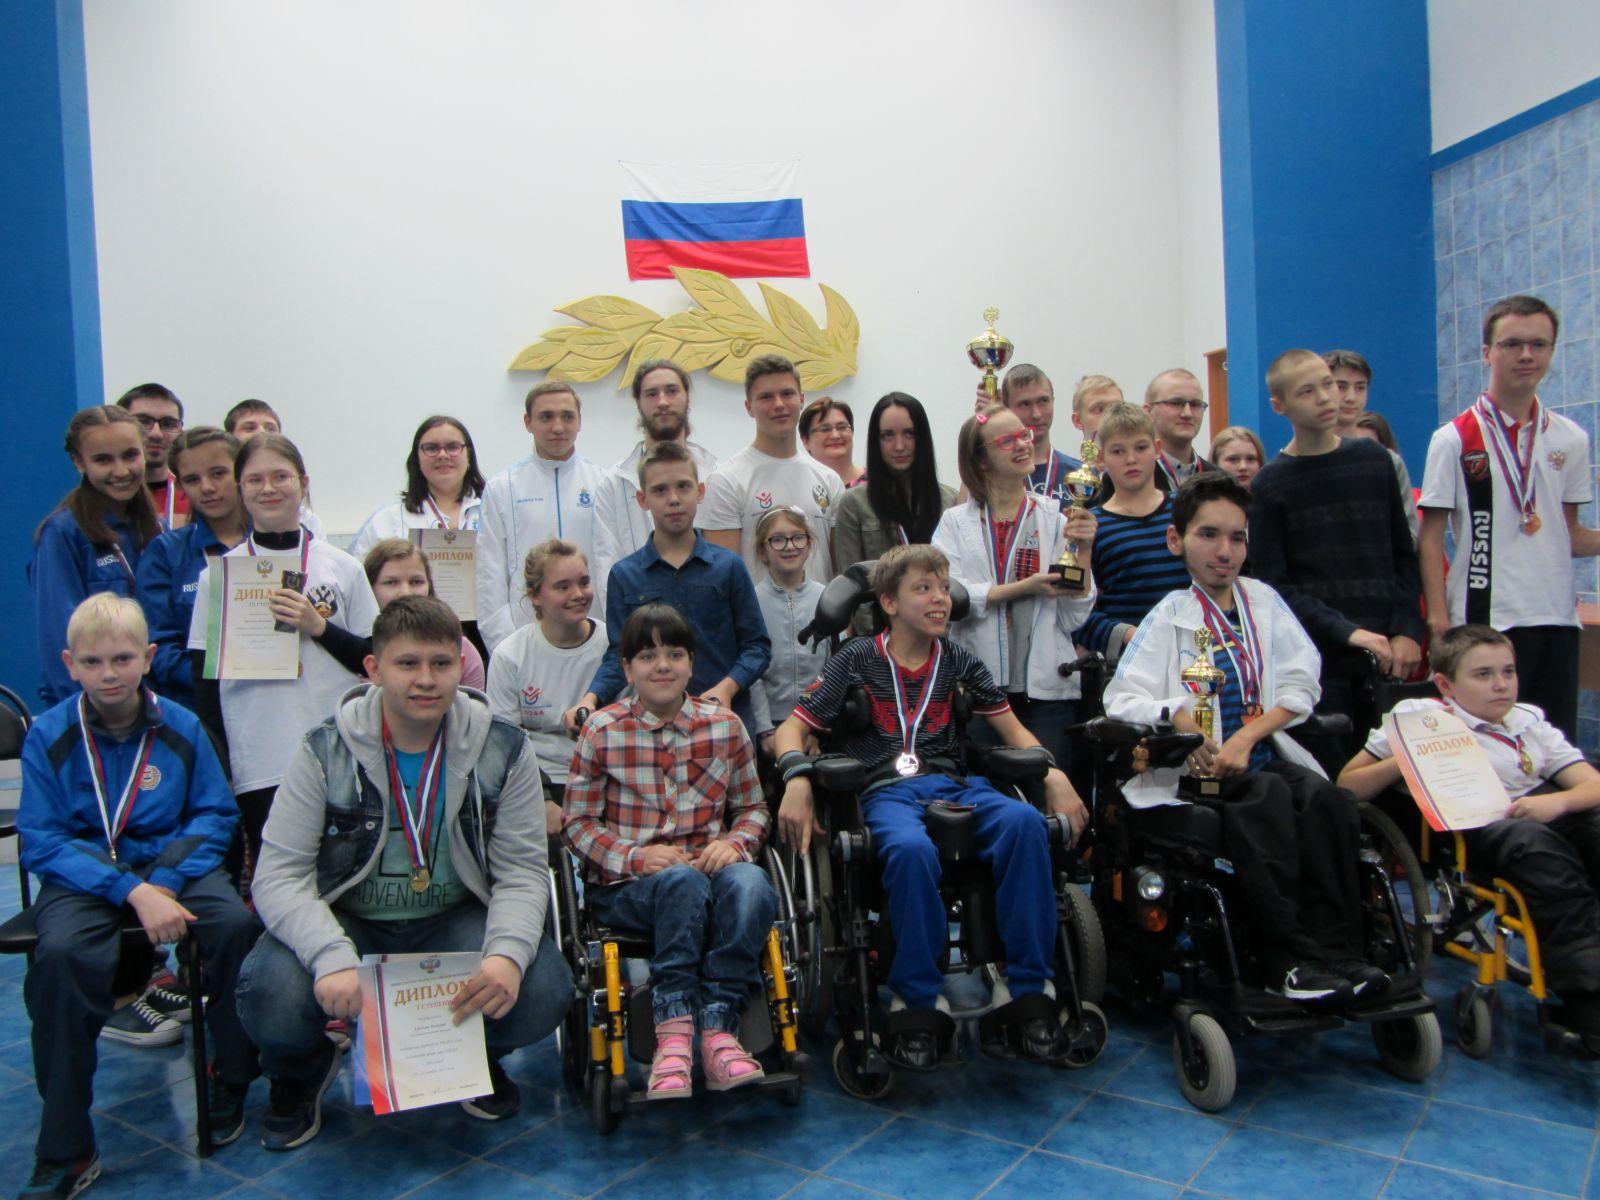 Шахматисты Курганской области и шашисты Республики Мордовия спорта лиц с ПОДА стали победителями командных соревнований на первенстве страны в Волгограде